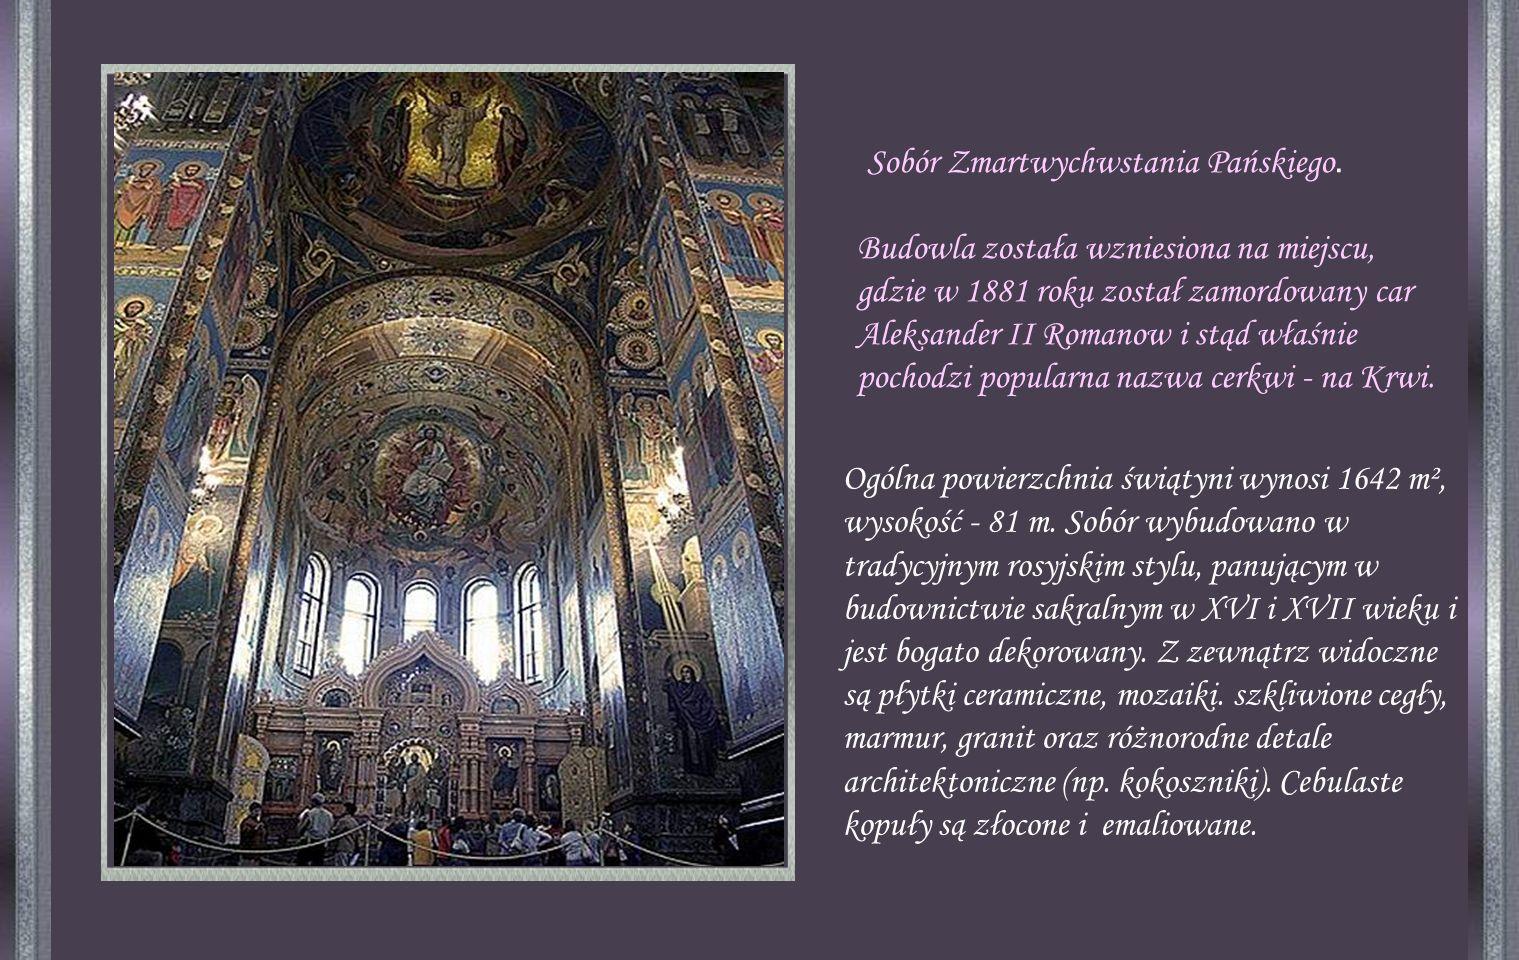 Sobór Zmartwychwstania Pańskiego, Cerkiew na Krwi SAN PETERSBURG